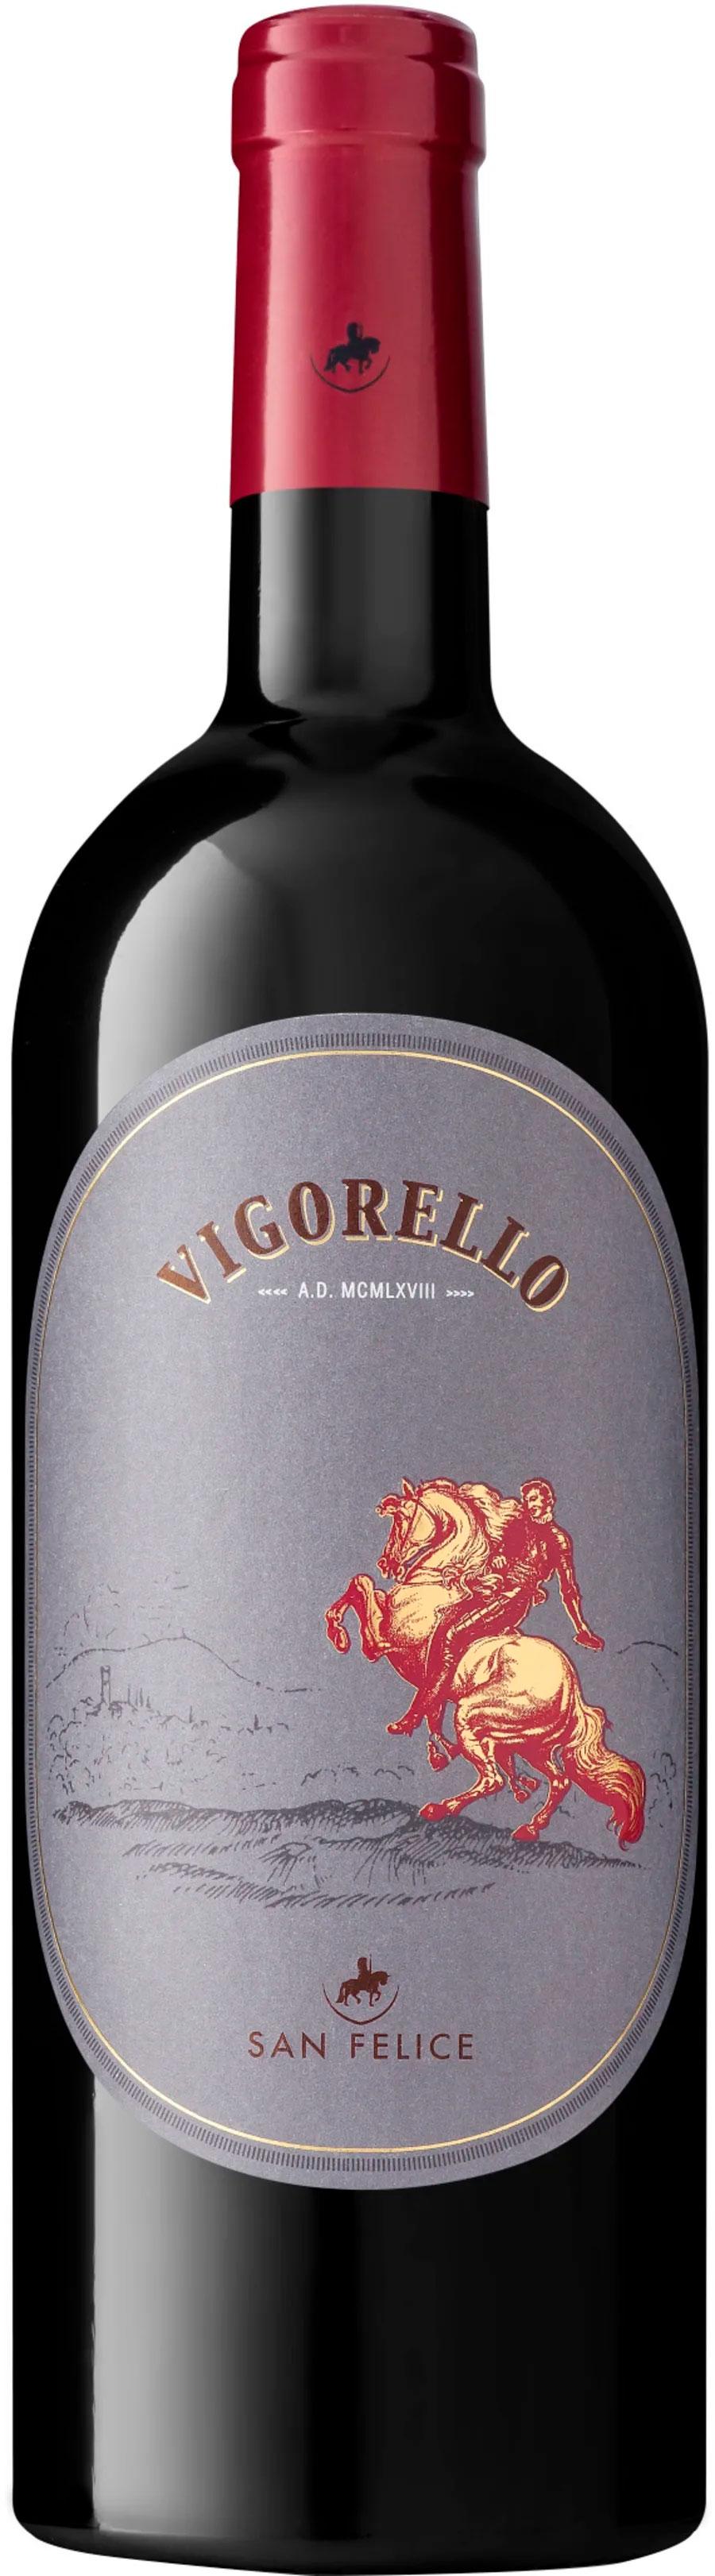 Vigorello ( San Felice ) 2011